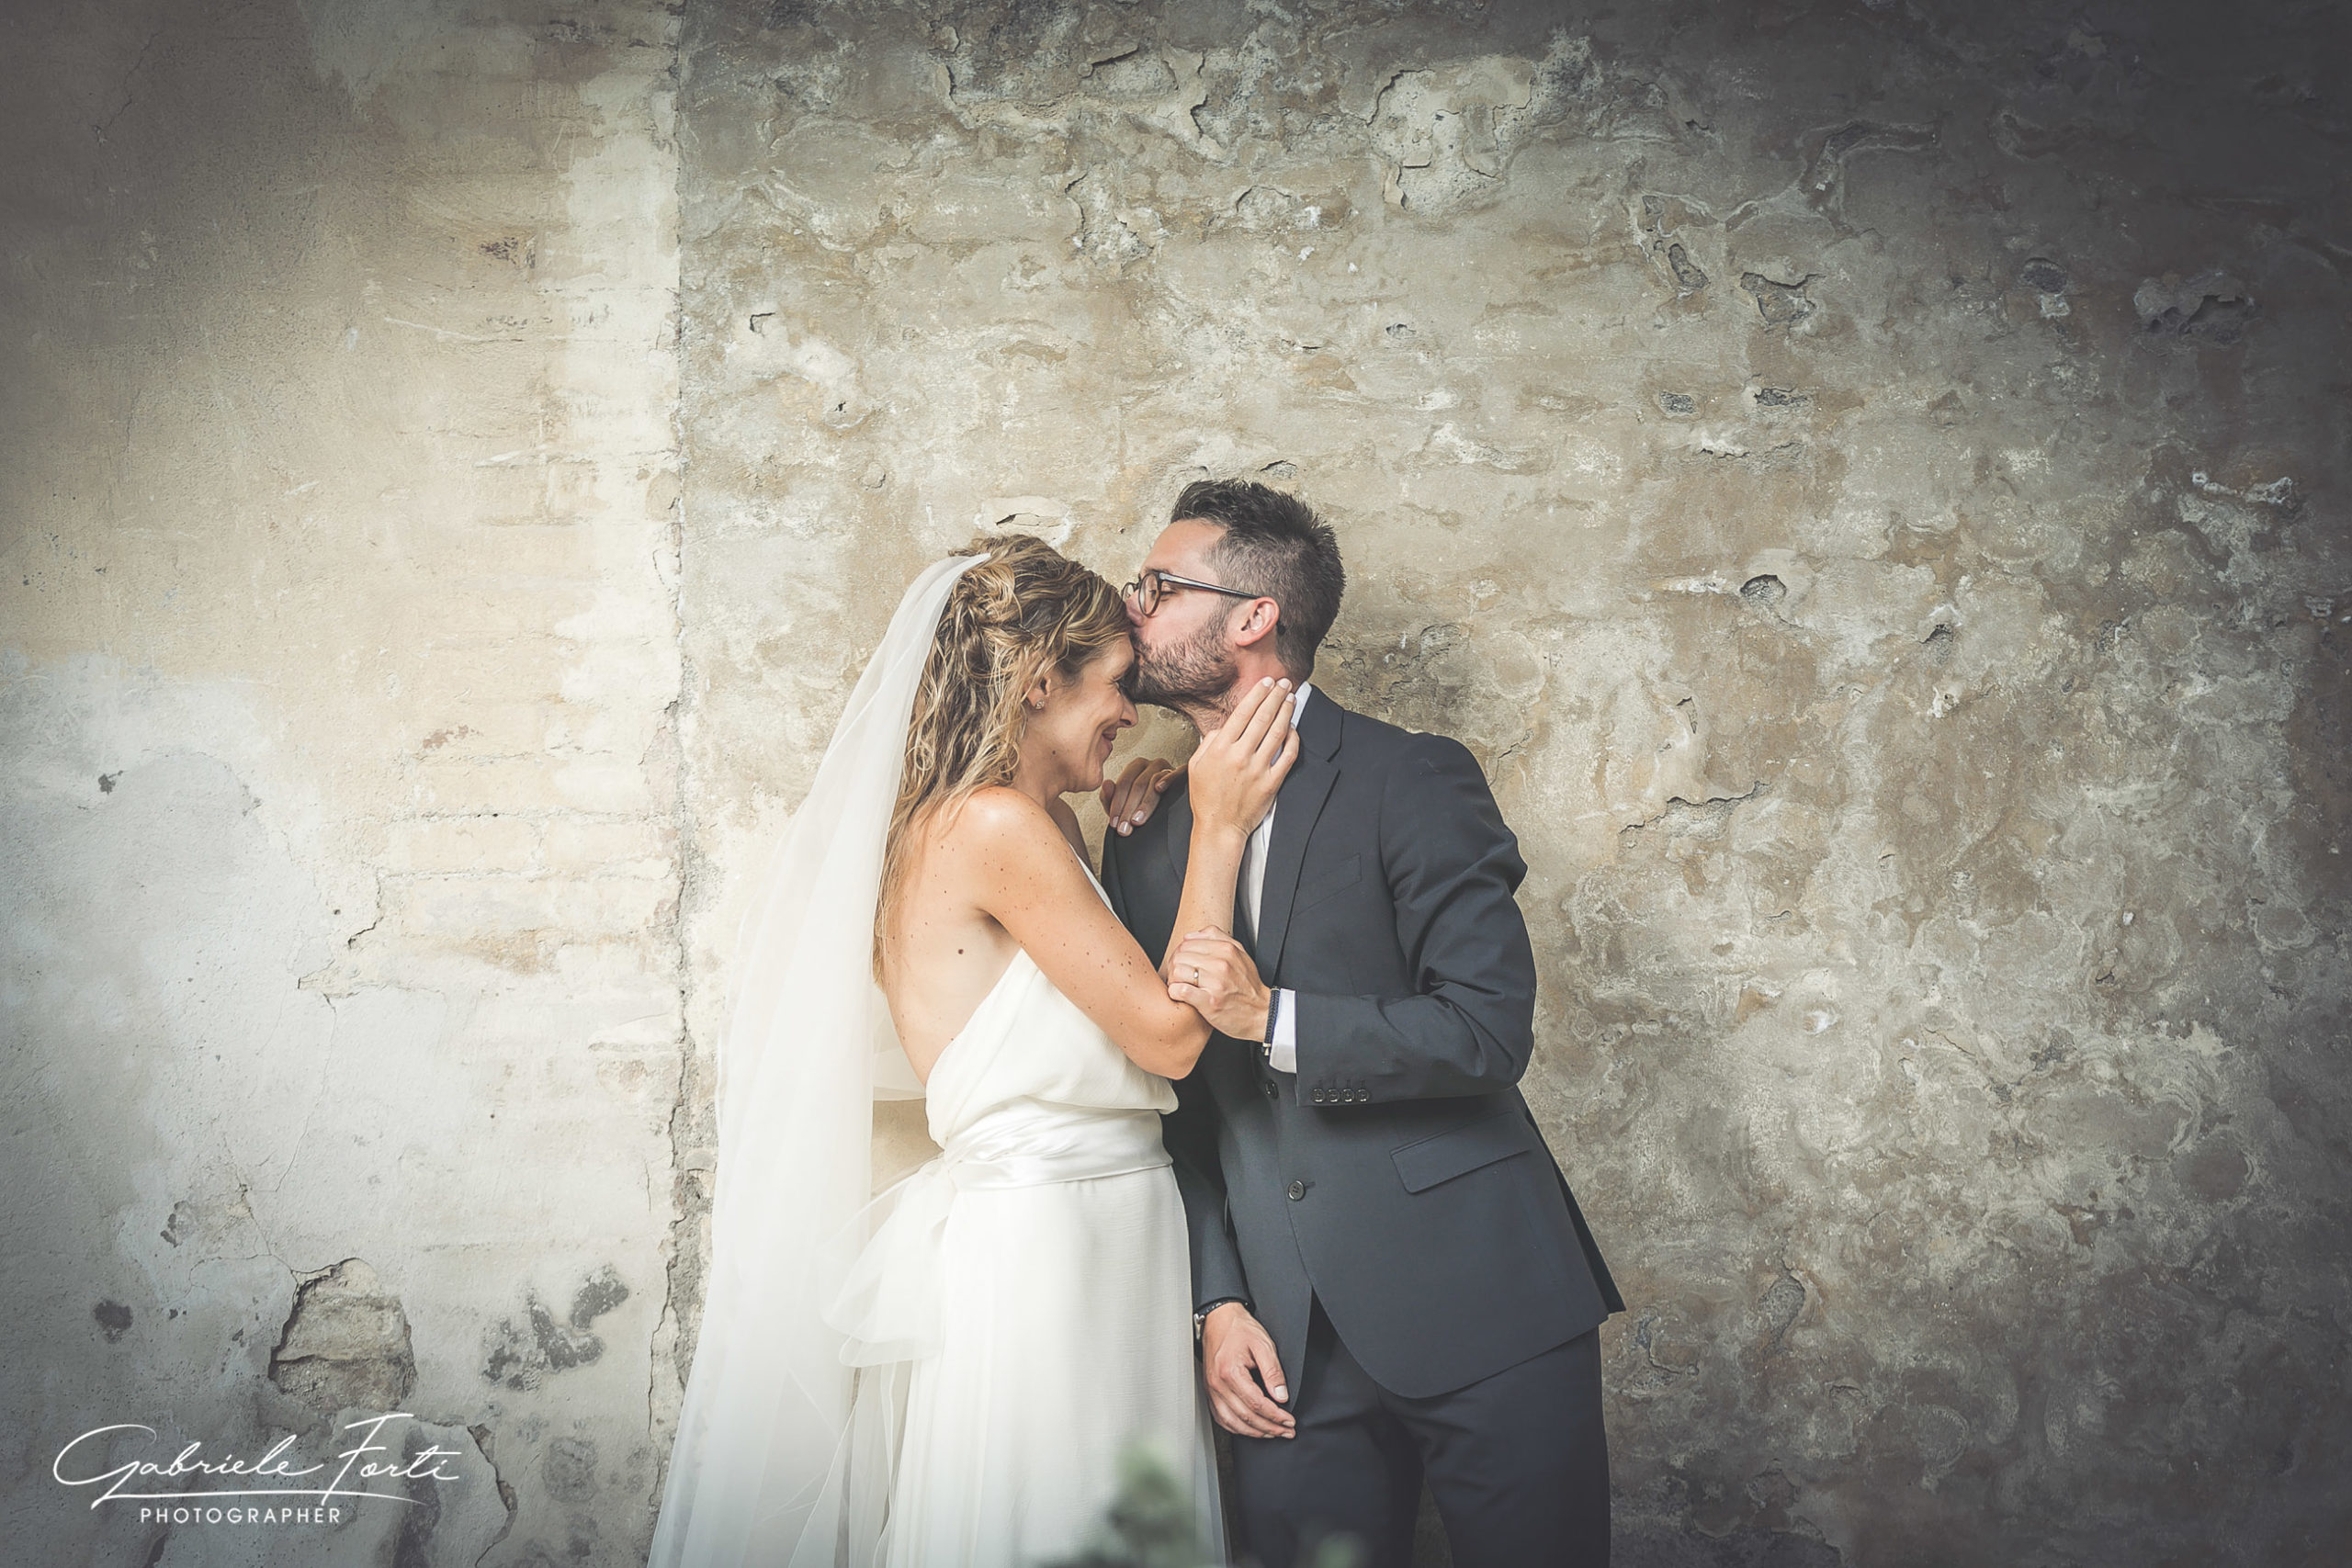 wedding-tuscany-siena-firenze-pienza-montepulciano-la-certosa-di-pontignano-sposarsi-in-toscana-foto-forti-gabriele-4